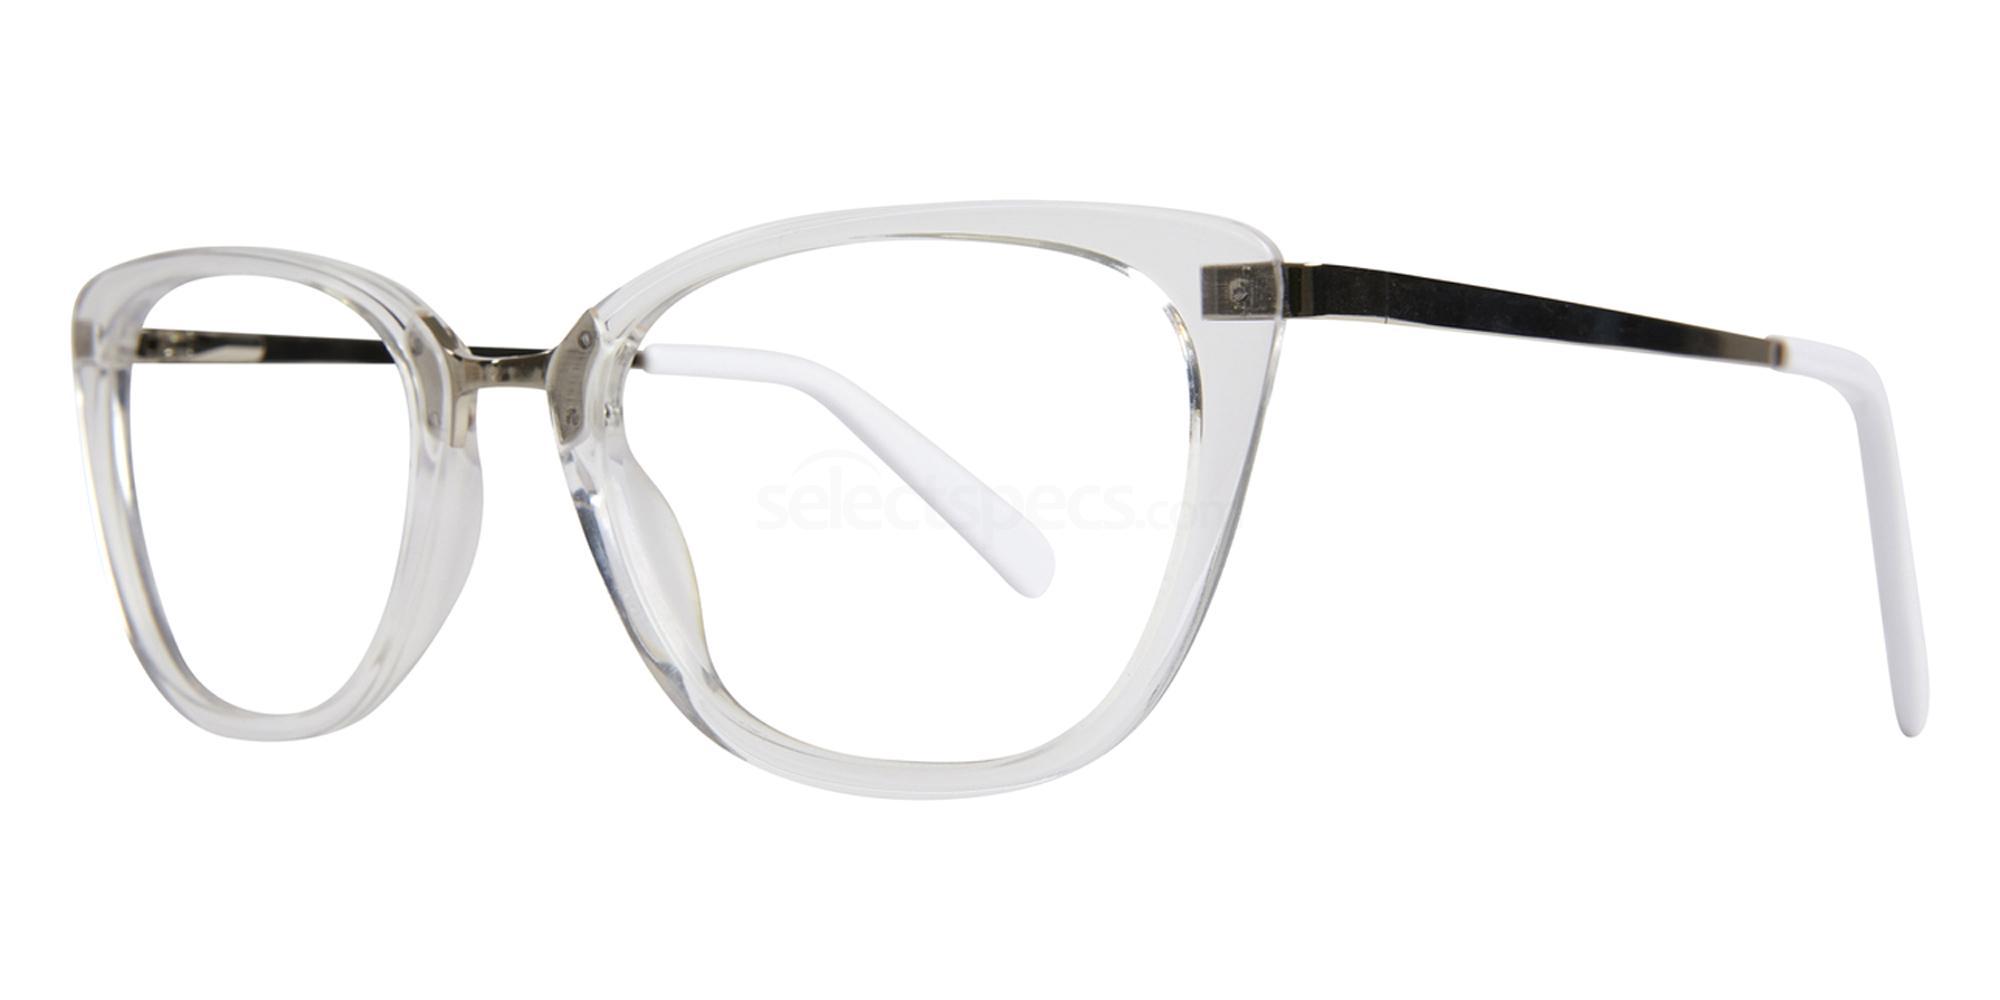 C1 Gillian Glasses, Freya